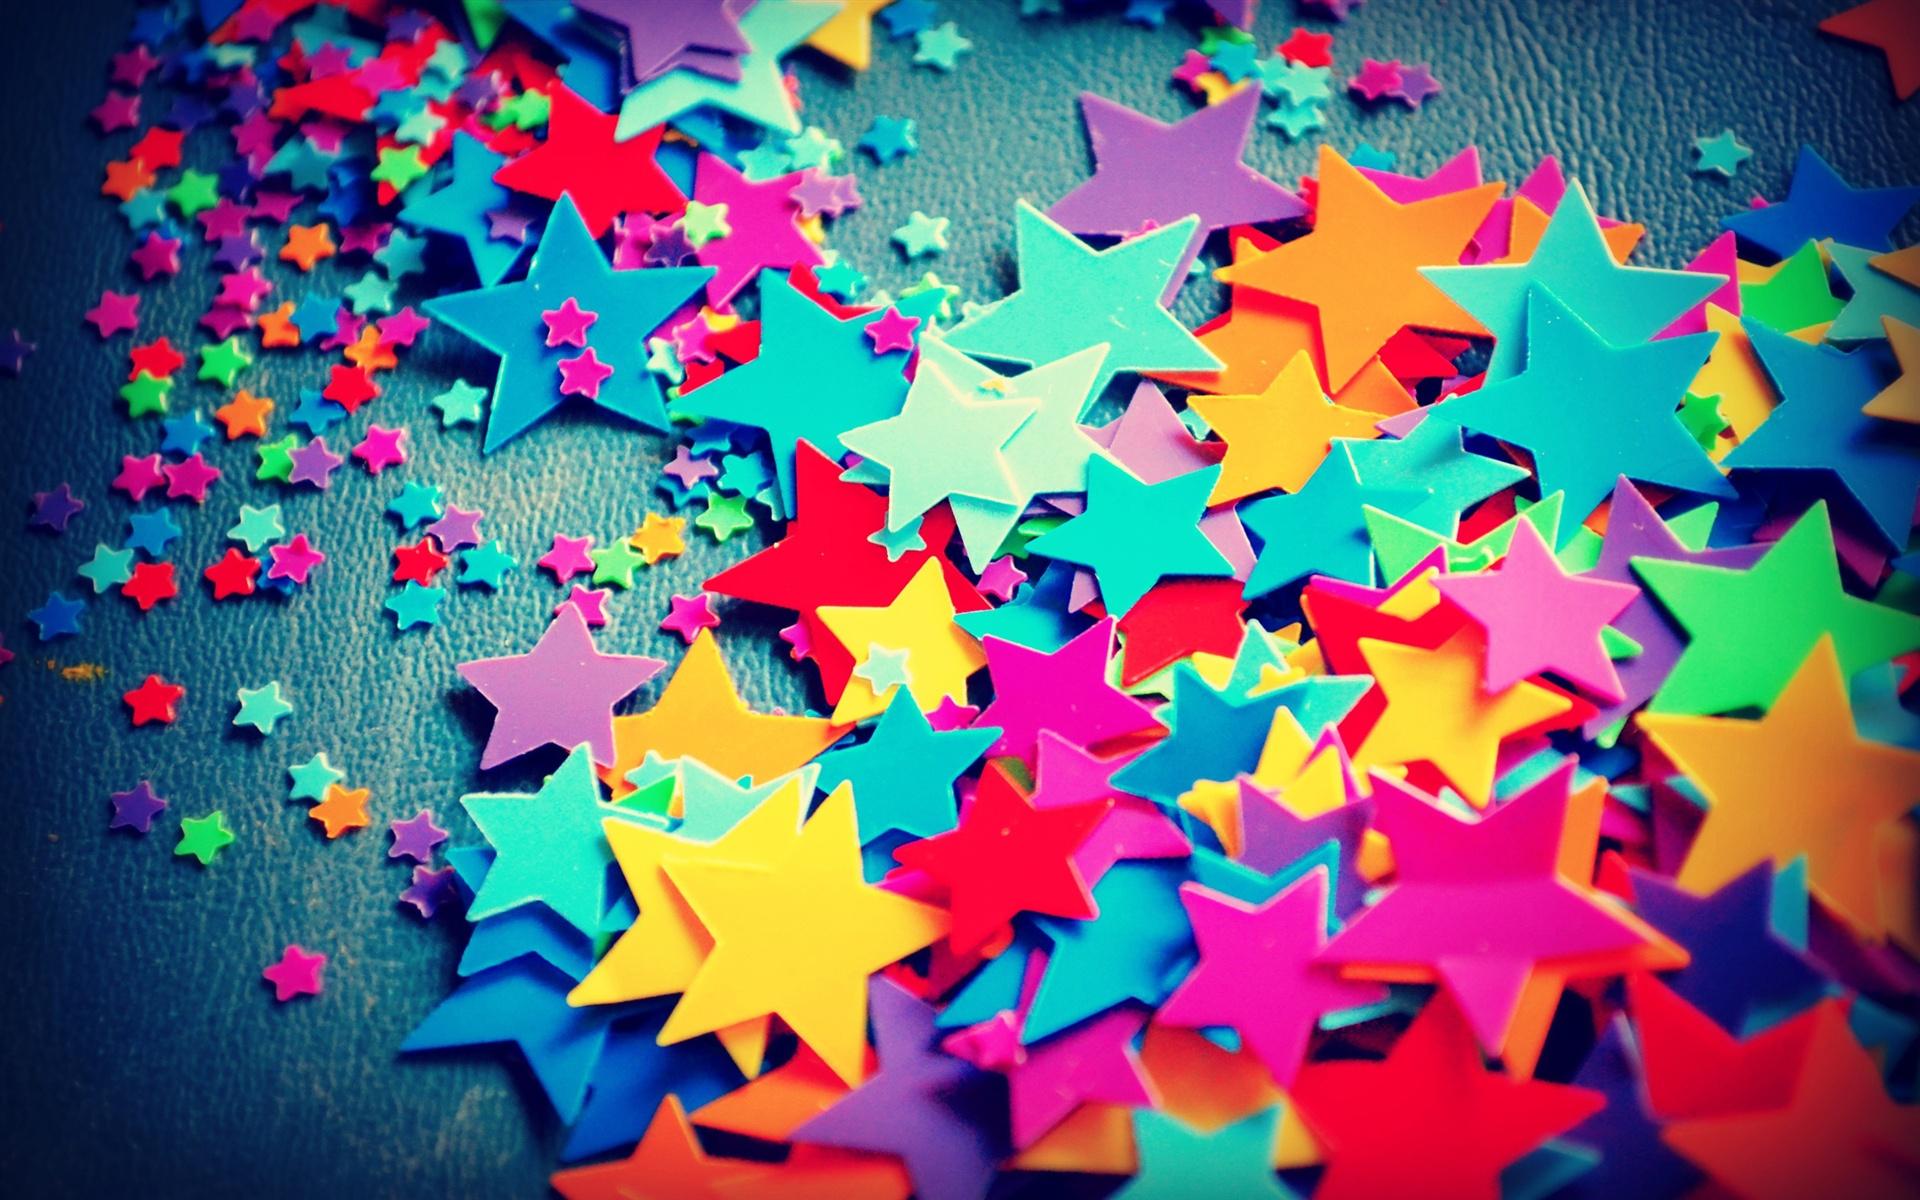 Große Und Kleine, Fünfzackigen Stern, Bunte Farben